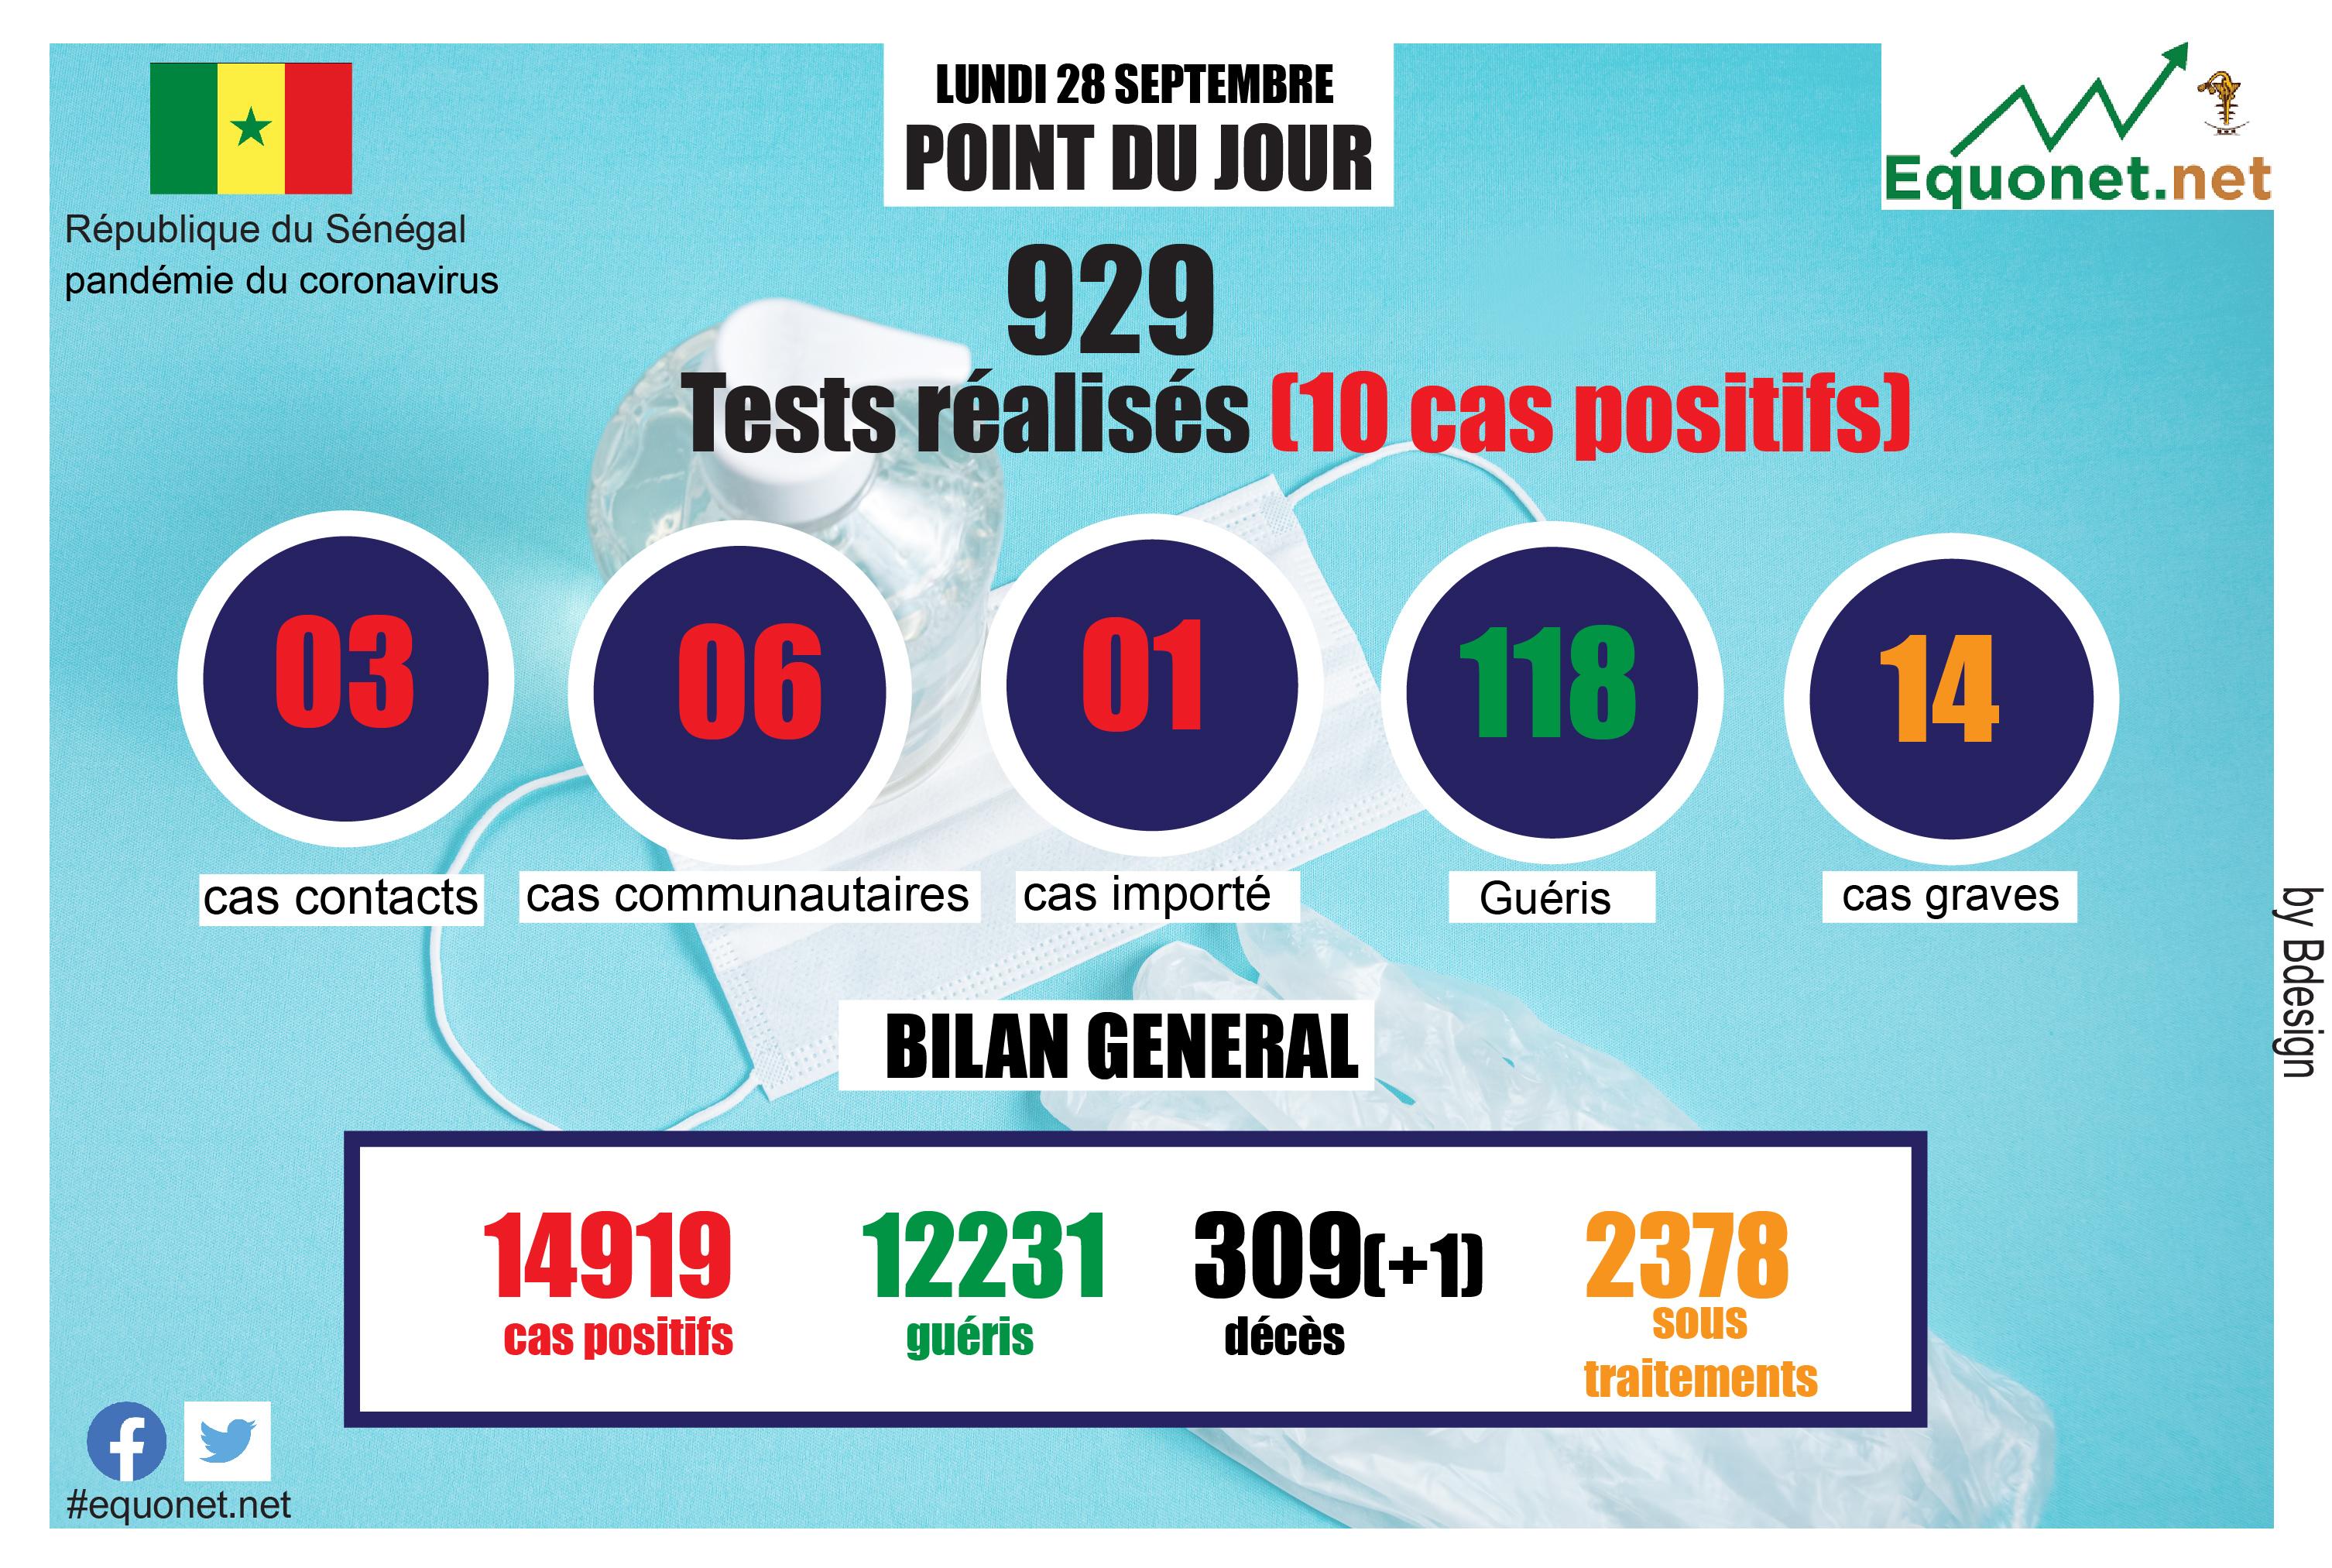 pandémie du coronavirus-covid-19 au sénégal : point de situation du lundi 28 septembre 2020